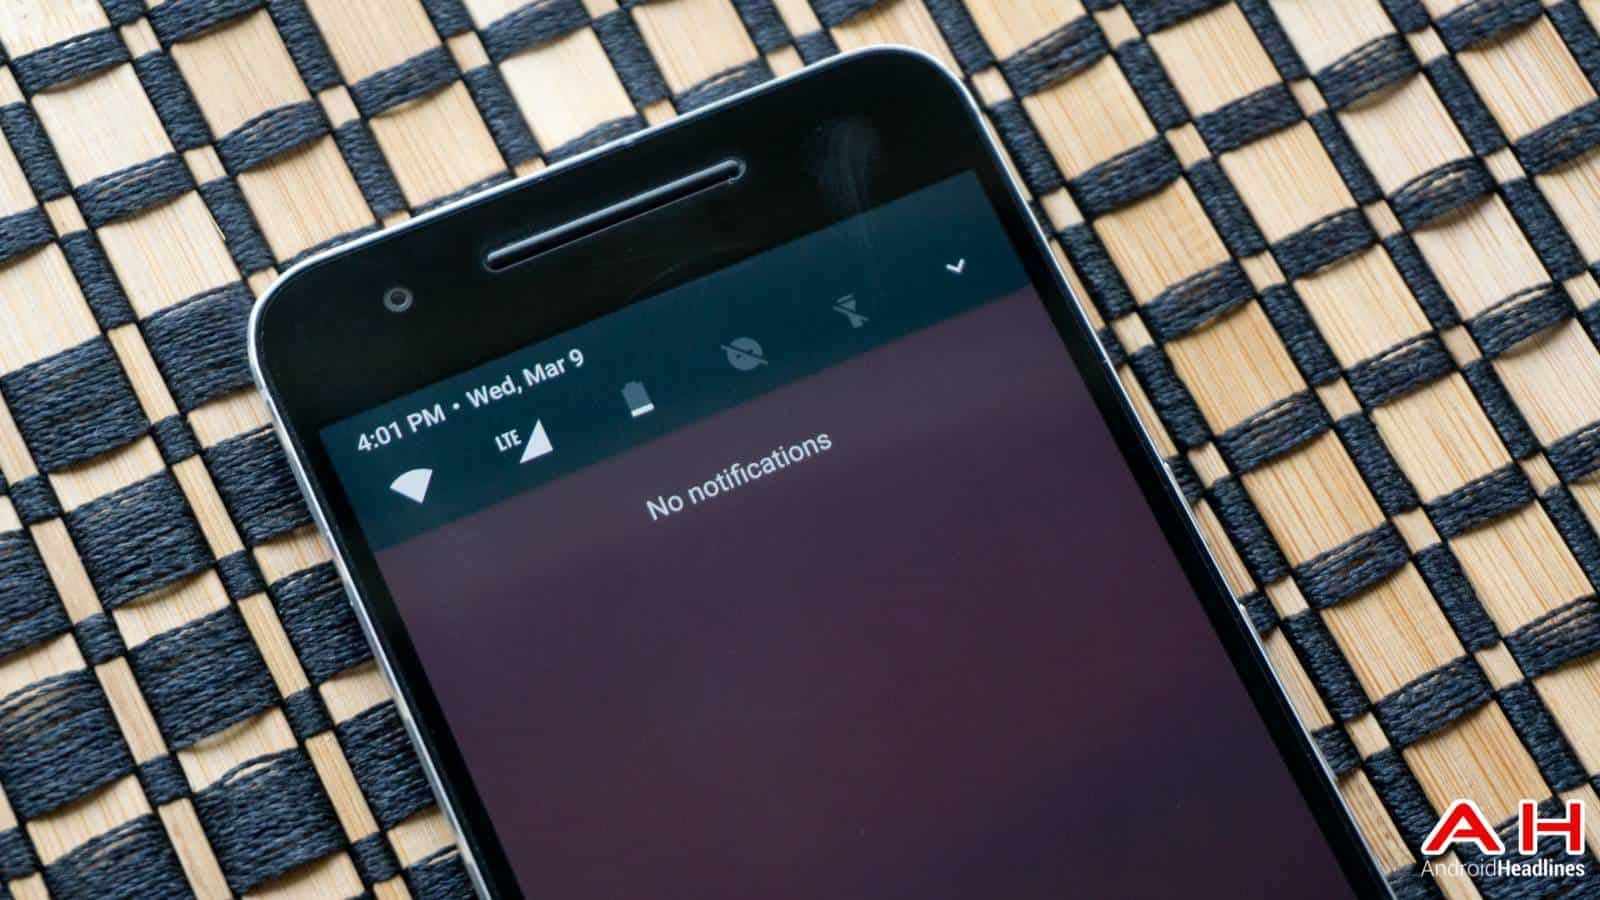 Android N AH 00080